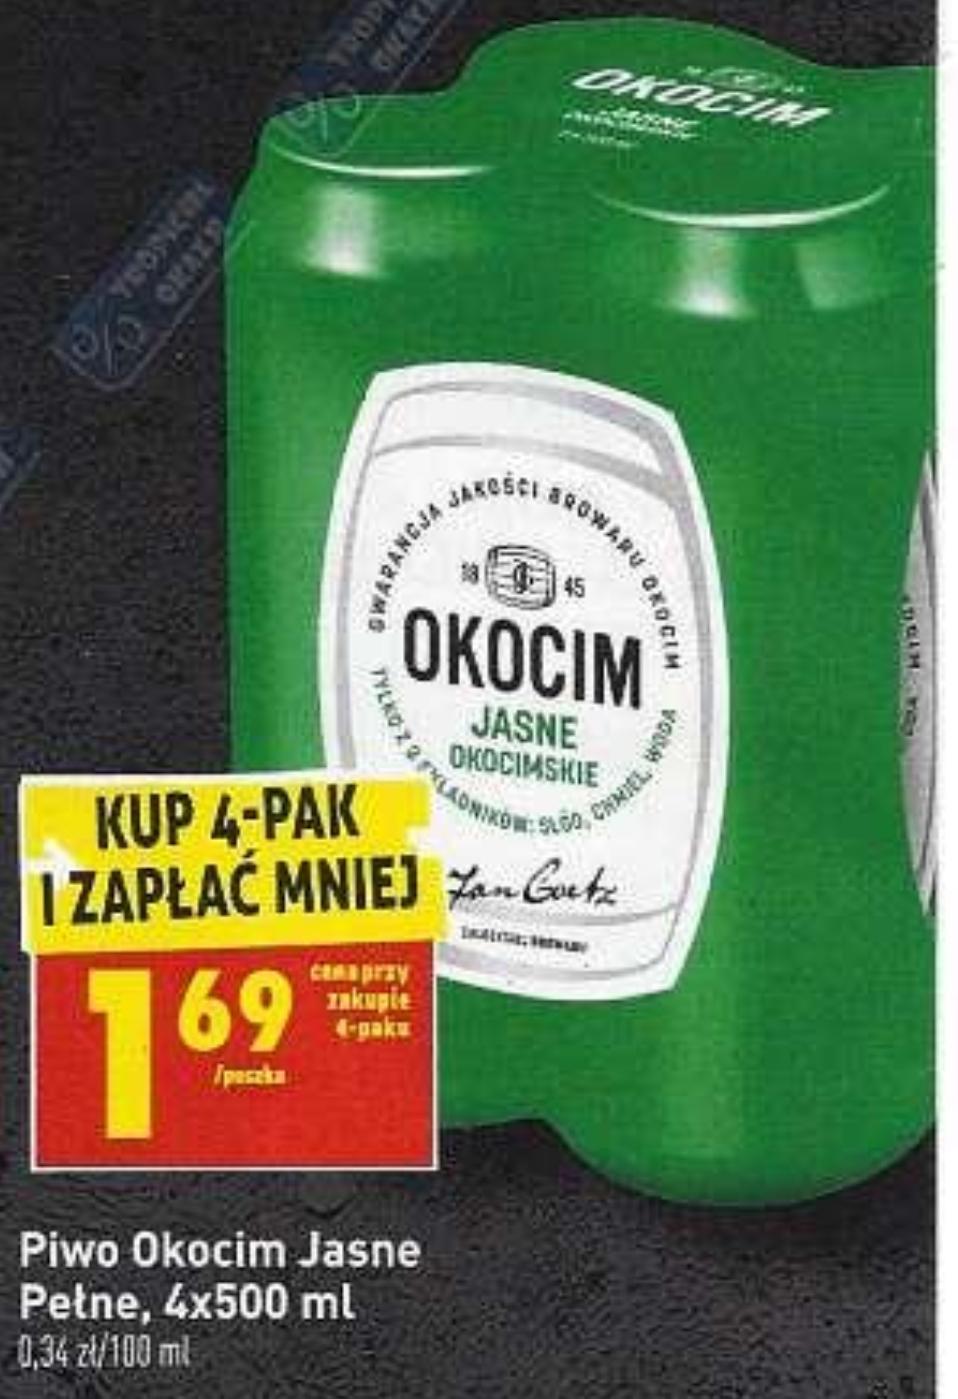 Piwo Okocim Jasne Okocimskie puszka 500ml @Biedronka